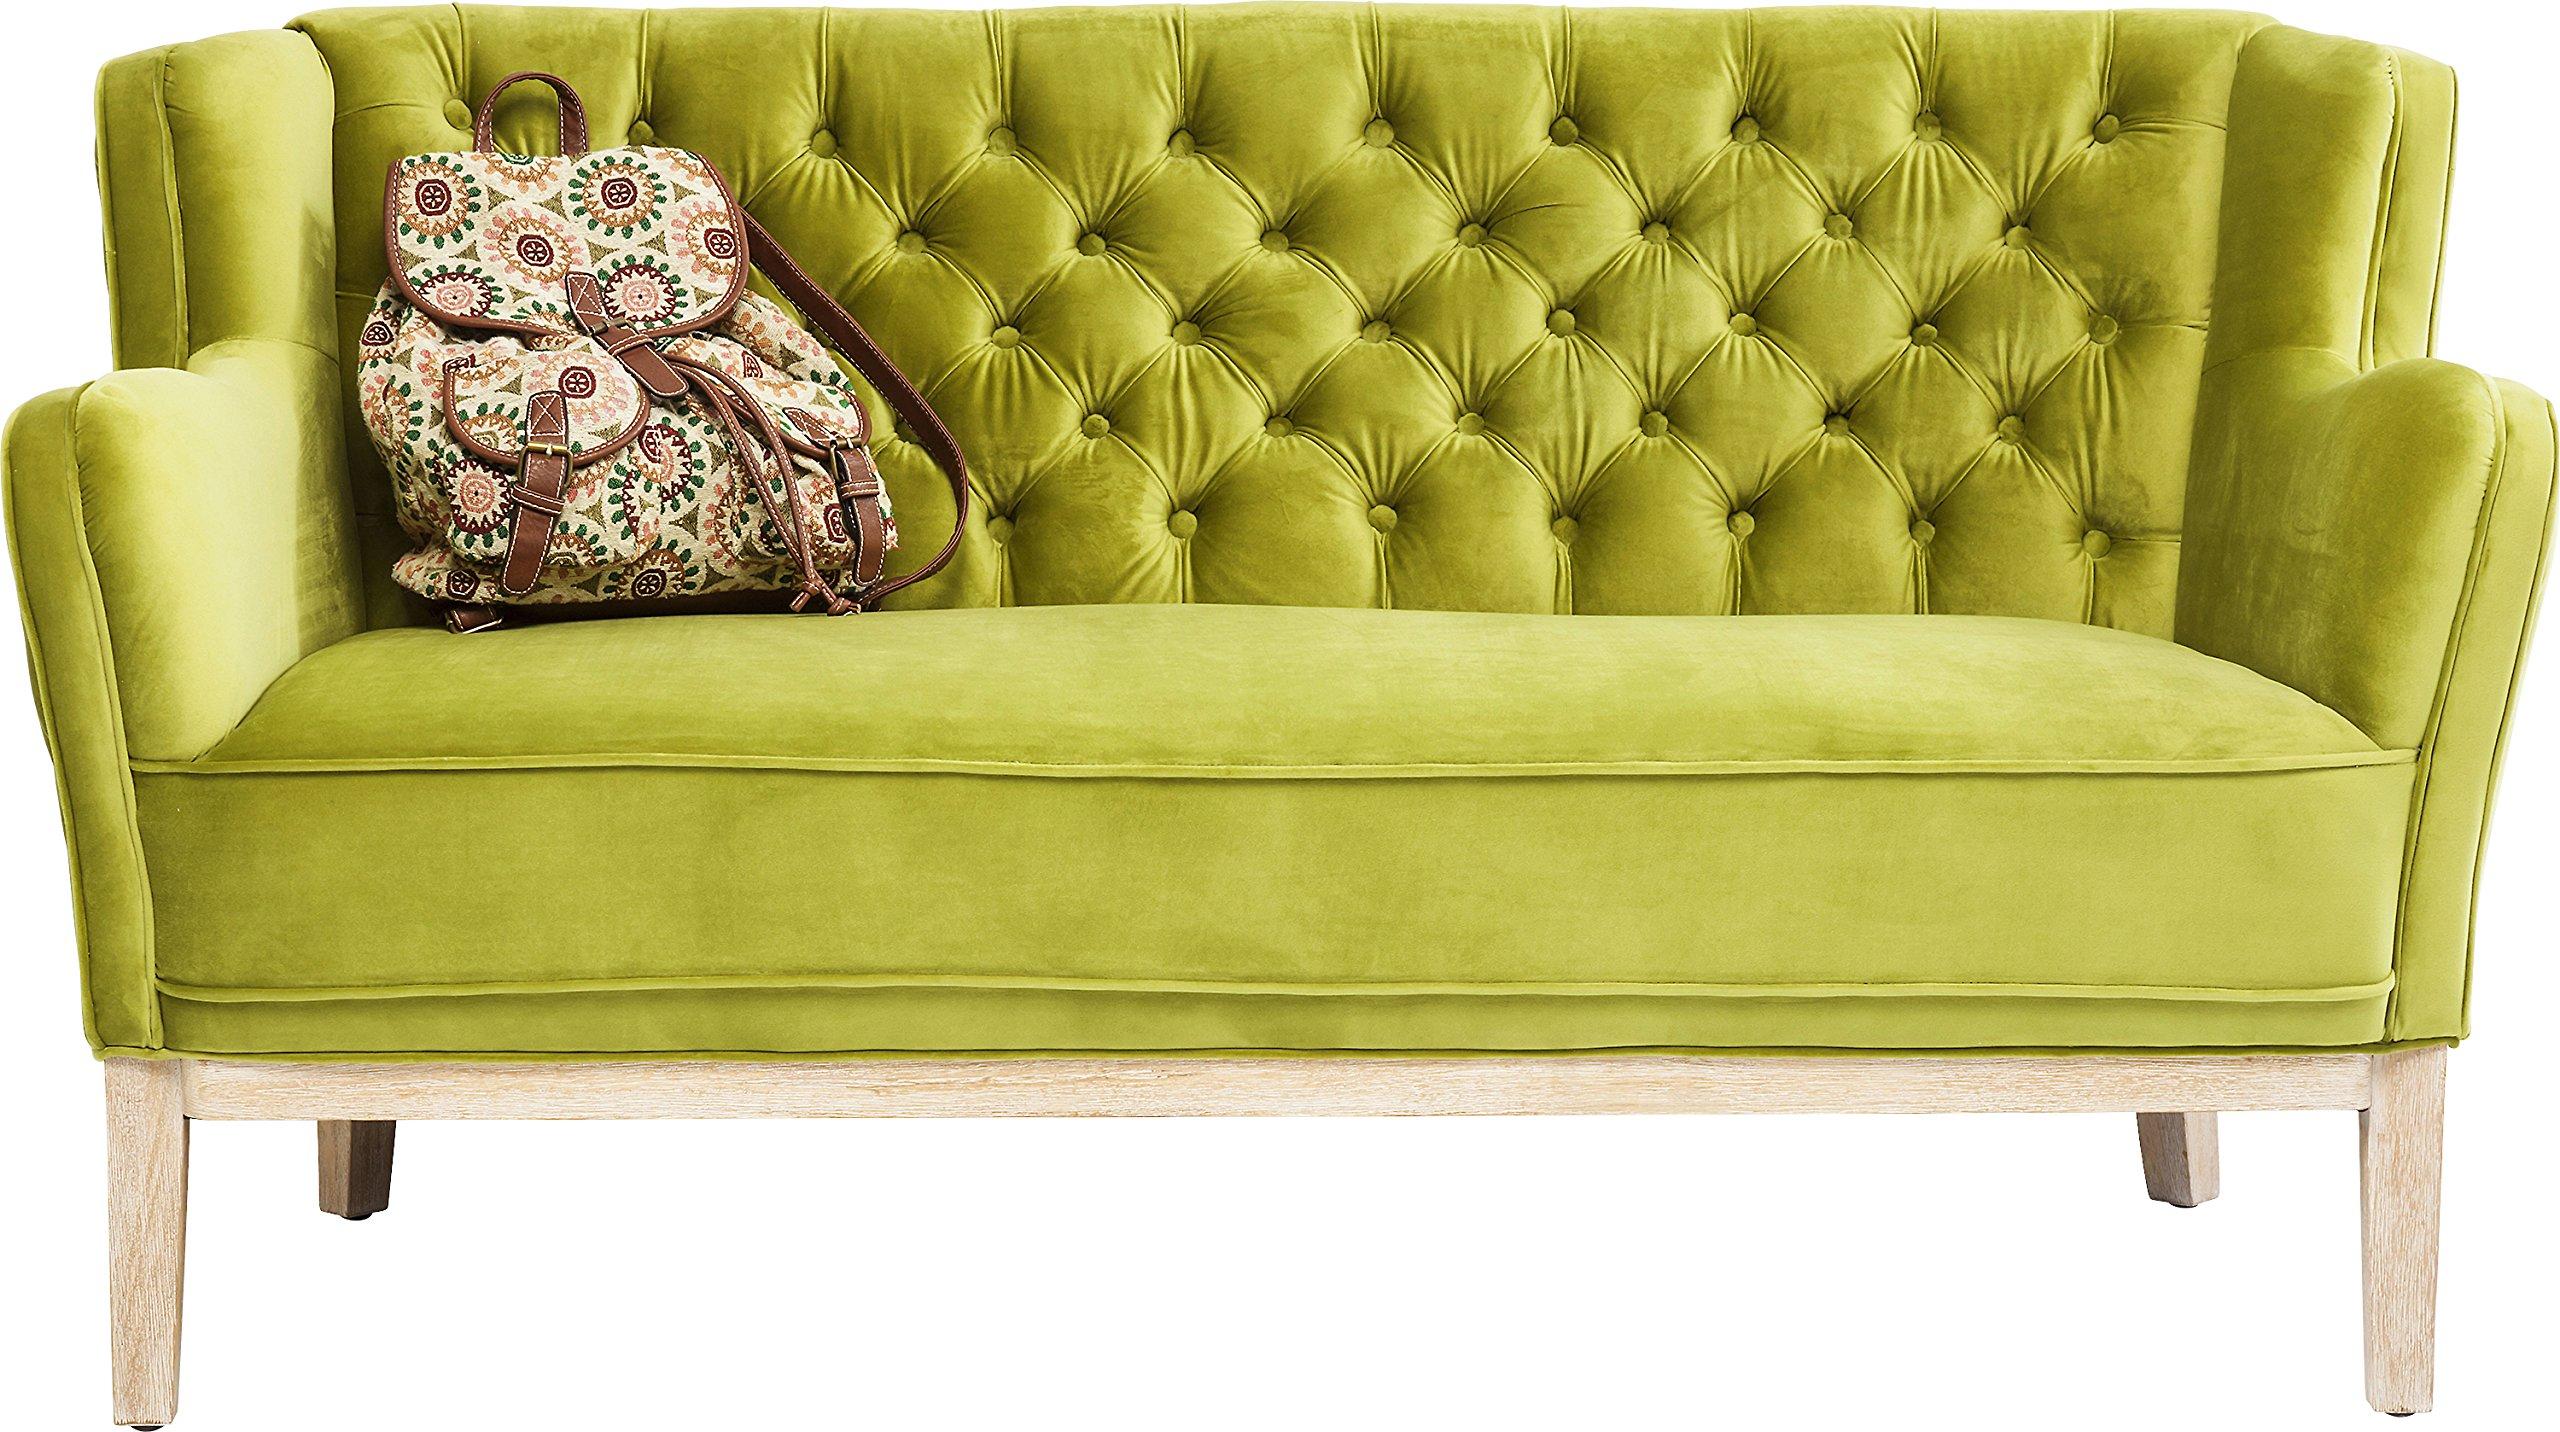 Full Size of Kare Sofa Gianni Design Infinity Bed Samt Furniture List Coffee Shop 2 Sitzer Schlaf U Form Xxl Lagerverkauf Polster Reinigen Esstisch Liege Günstig Modernes Sofa Kare Sofa